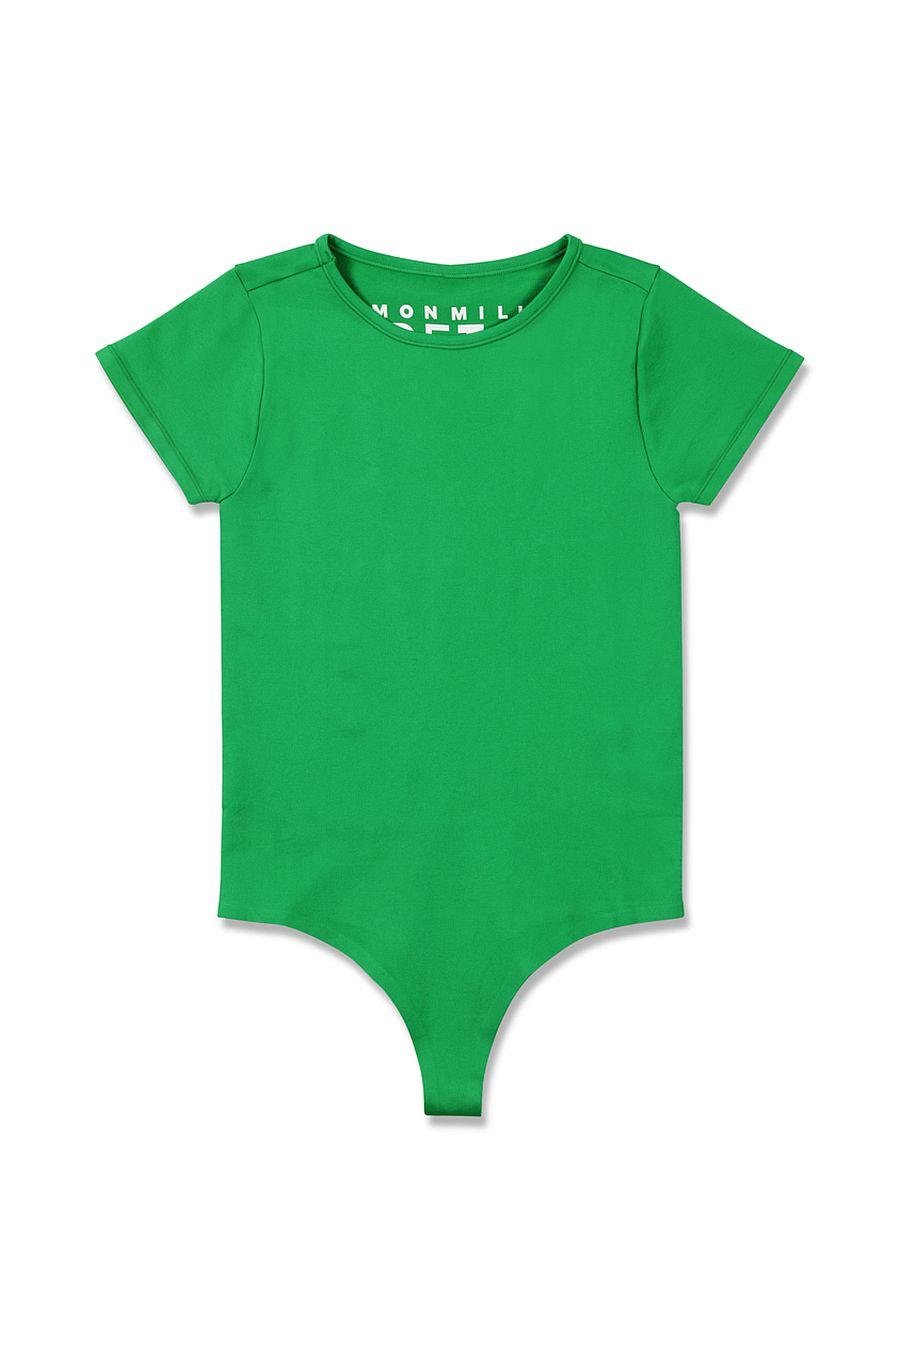 Simon Miller Marce Bodysuit - Jungle Green